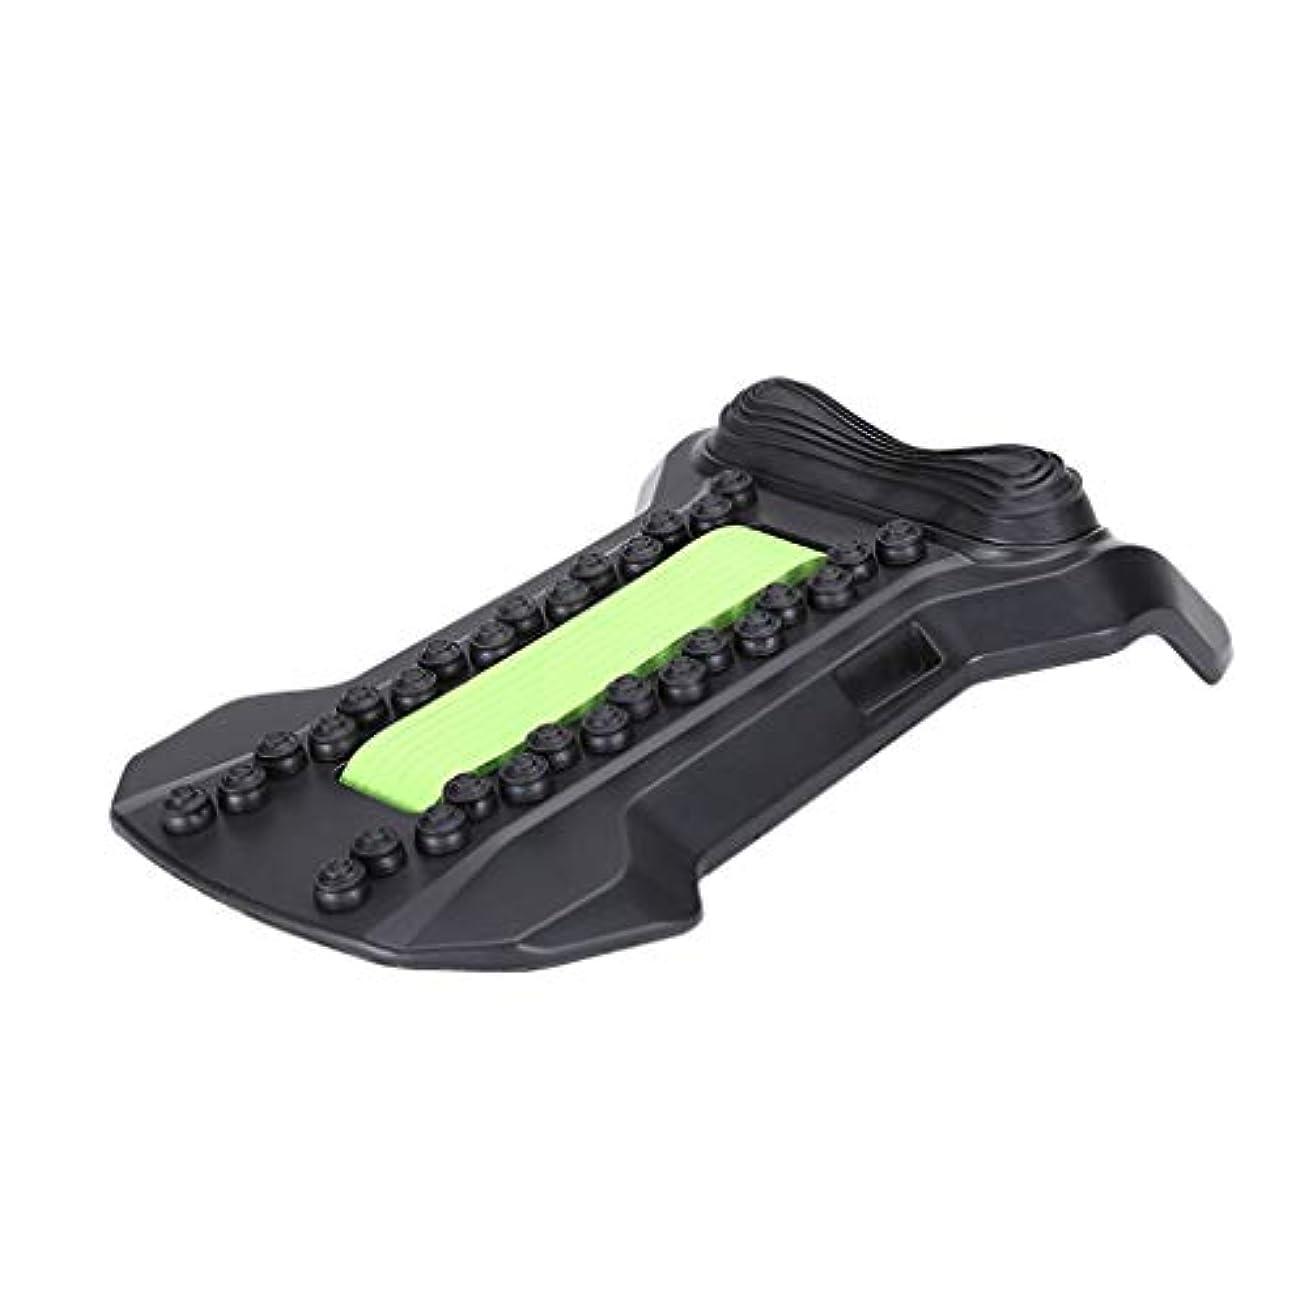 しわ暴力処方背部マッサージャーの伸張装置、腰椎サポート弛緩の魔法の伸張器の適性の仲間の脊椎の痛みを和らげるカイロプラクター,Green